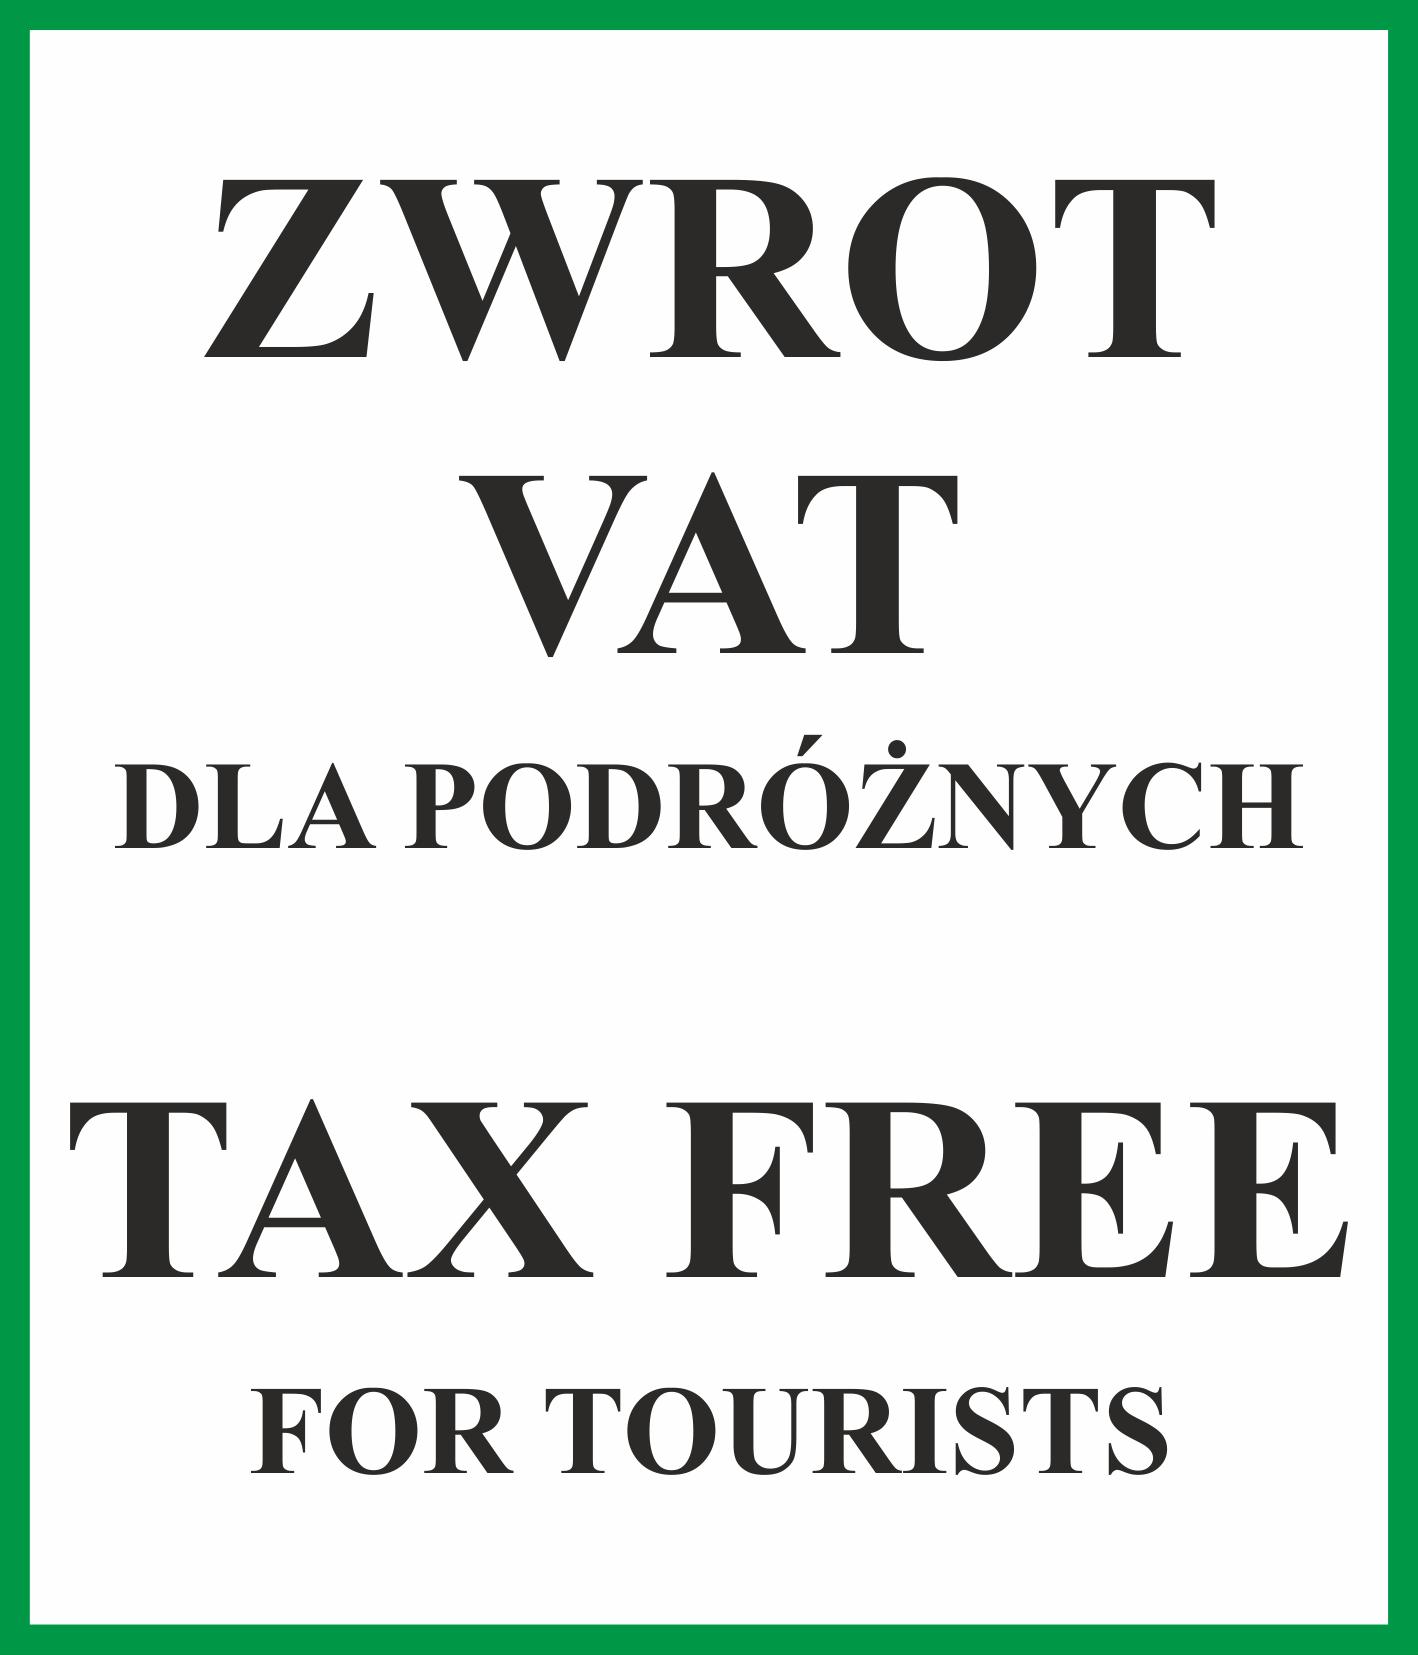 zwrot-vat-dla-podroznych-tax-free-depsol